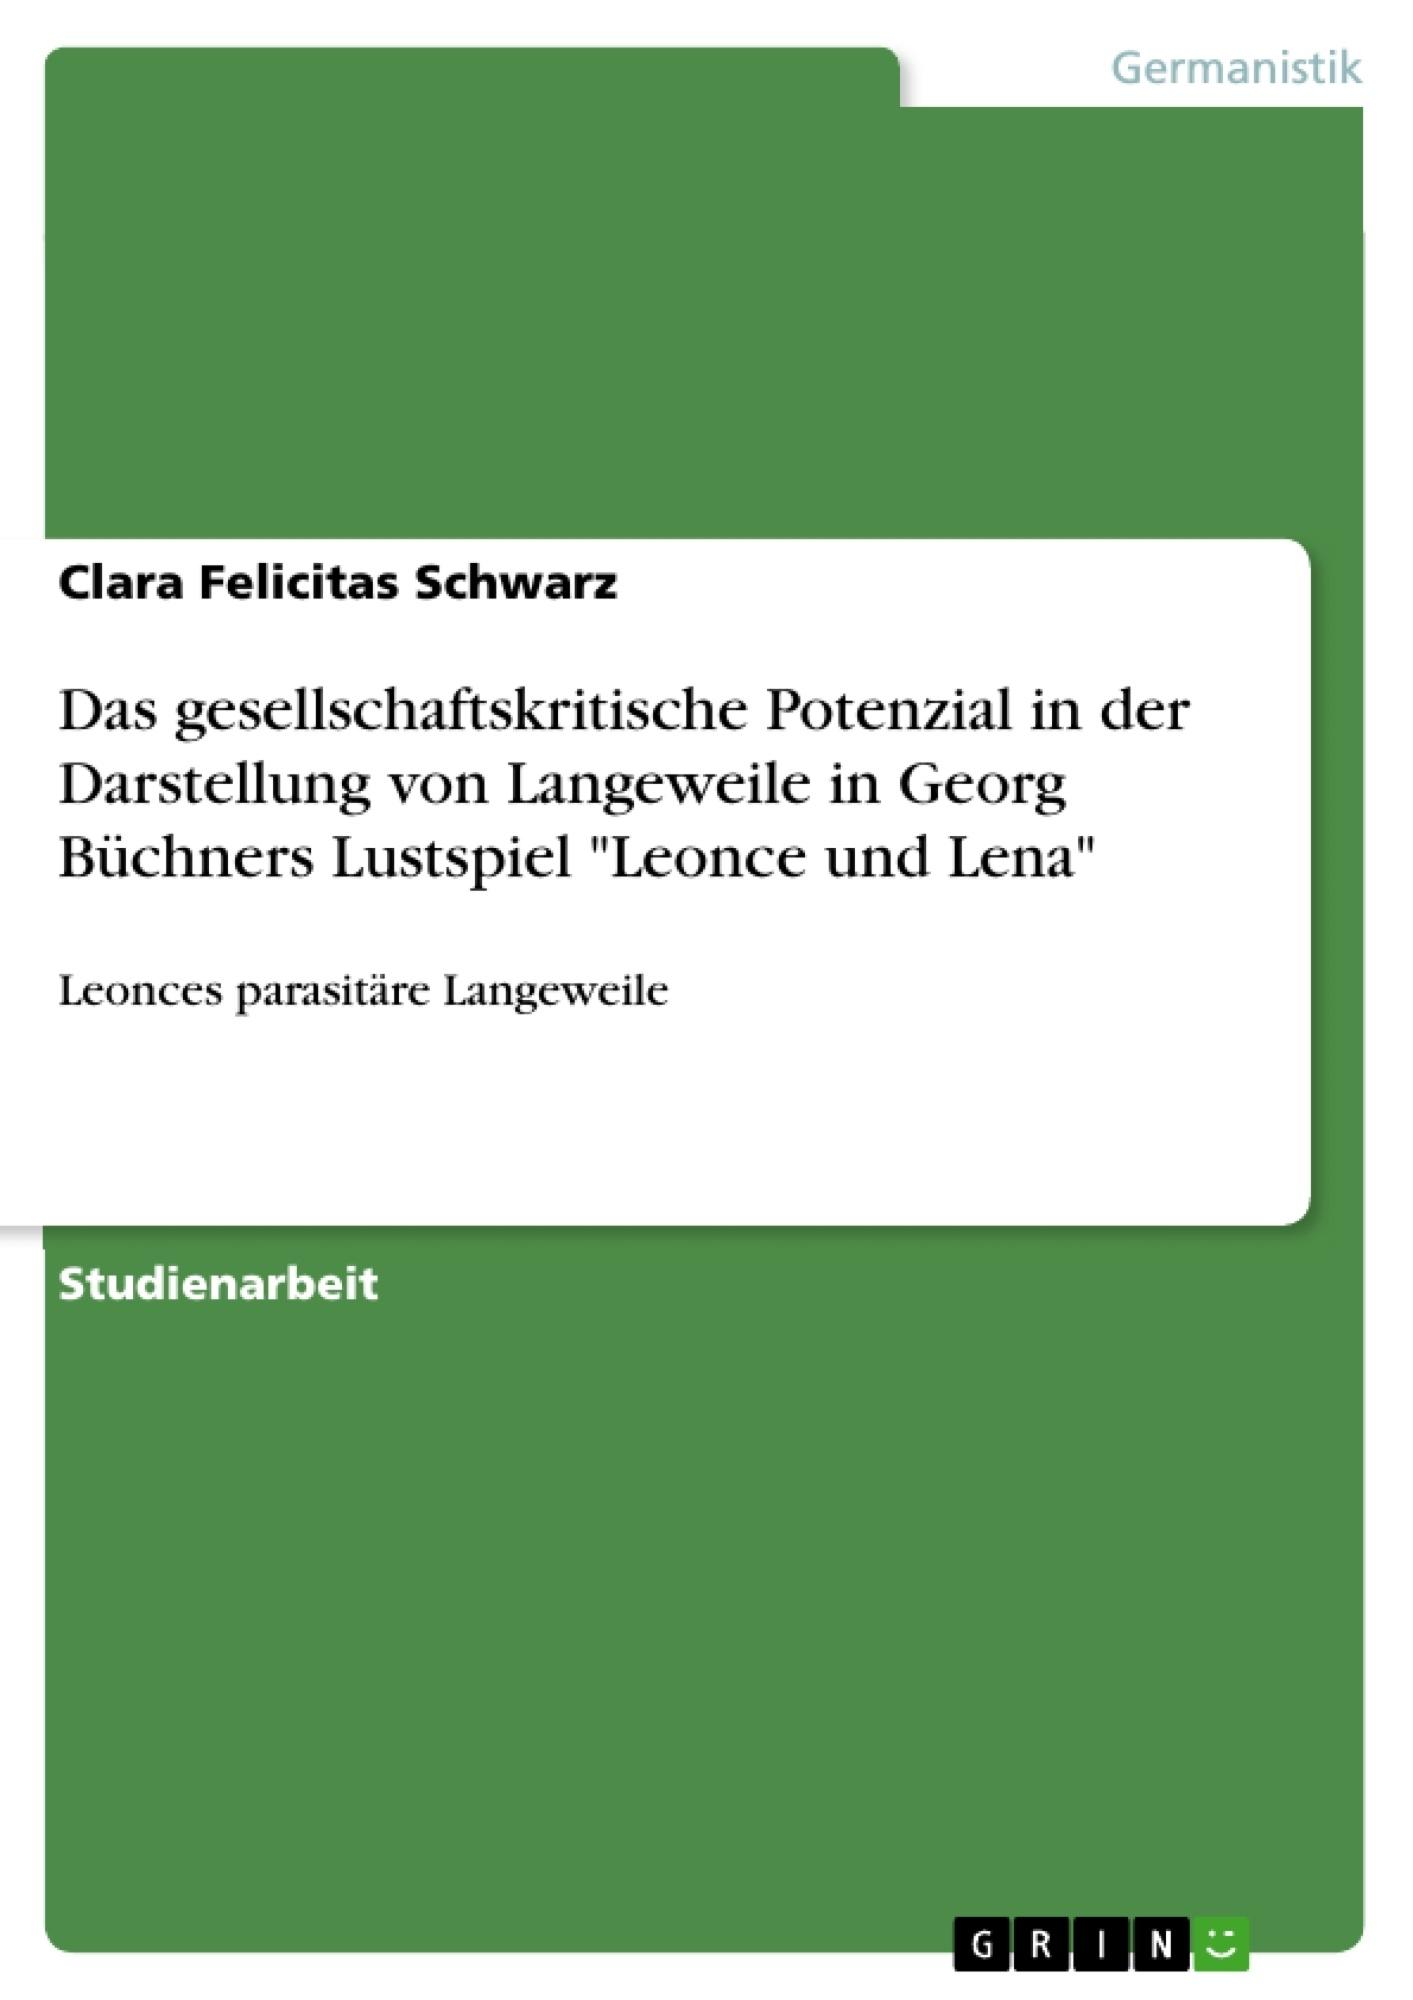 """Titel: Das gesellschaftskritische Potenzial in der Darstellung von Langeweile in Georg Büchners Lustspiel """"Leonce und Lena"""""""